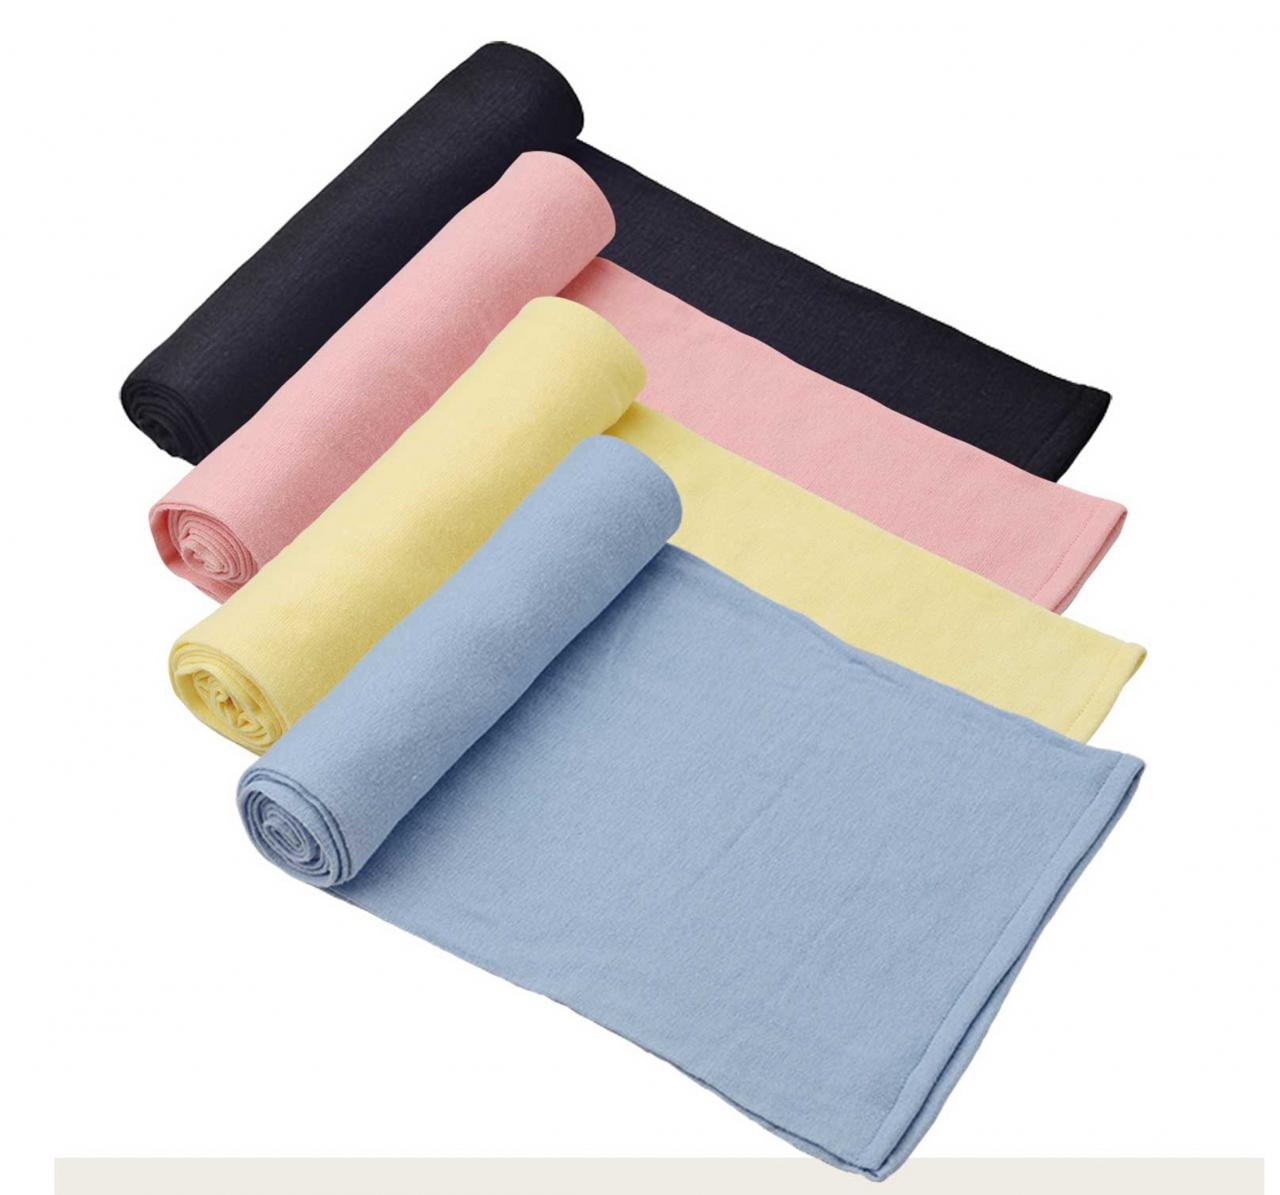 健康衣類・繊維製品イメージ写真